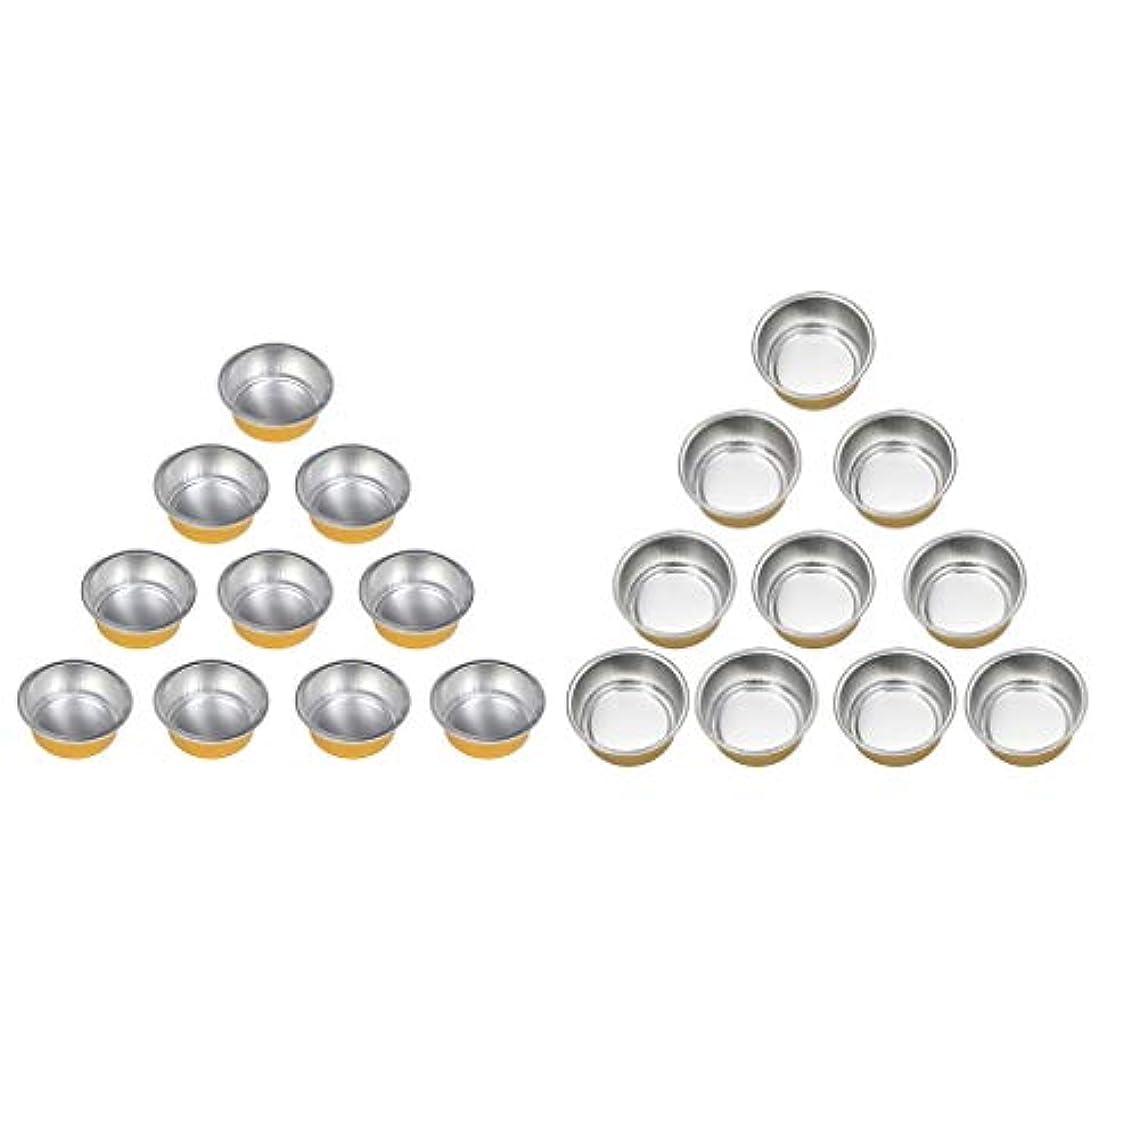 蛇行リクルート立ち向かうchiwanji ワックスヒーターマシンのための20個のホットアルミ箔ワックス溶融マグカップボウルポット錫